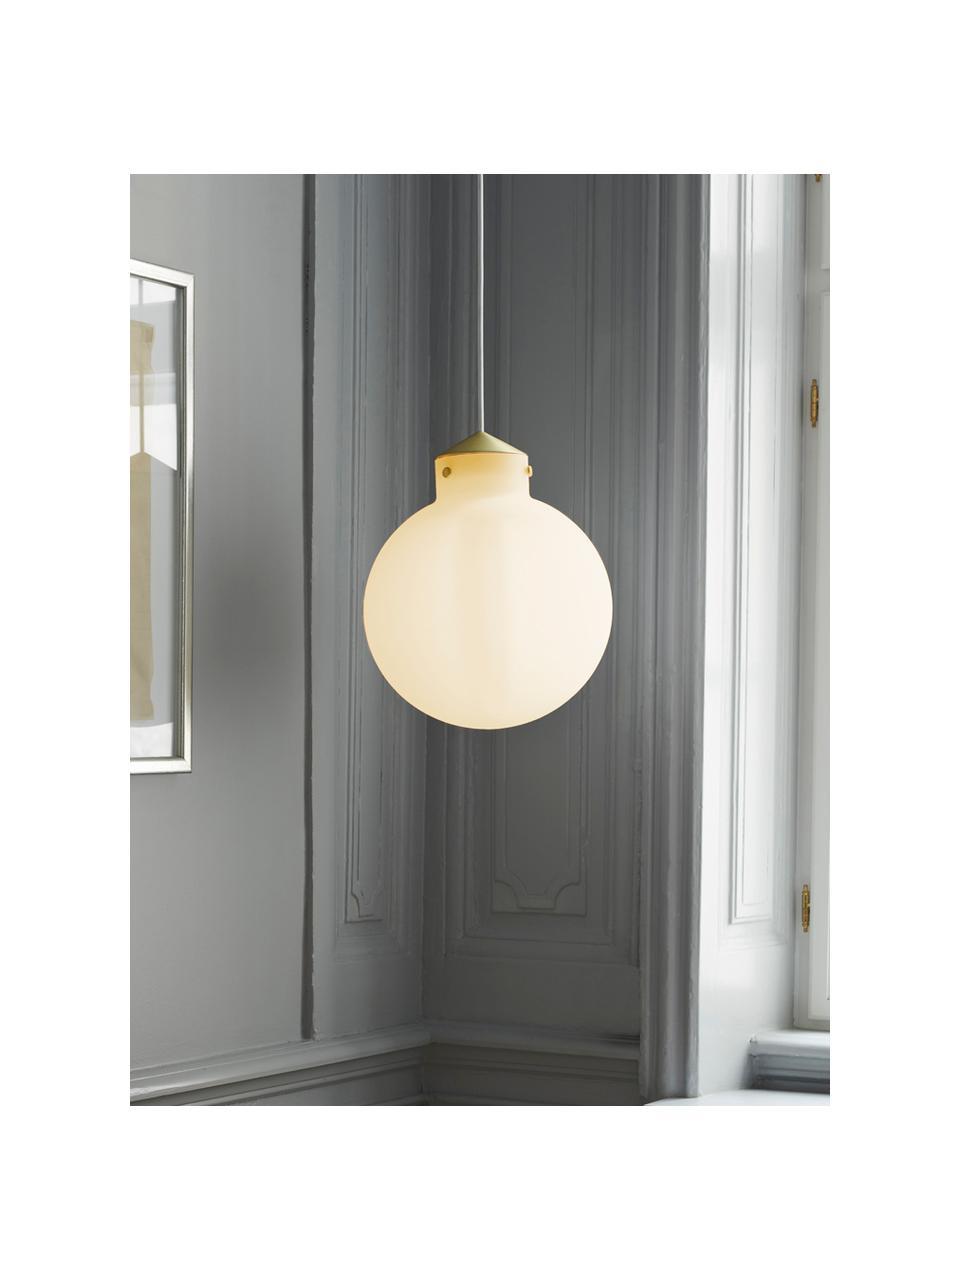 Lampada a sospensione in vetro Raito, Paralume: vetro opale, Decorazione: metallo, Baldacchino: materiale sintetico, Bianco opalino, ottone, Ø 30 x Alt. 37 cm